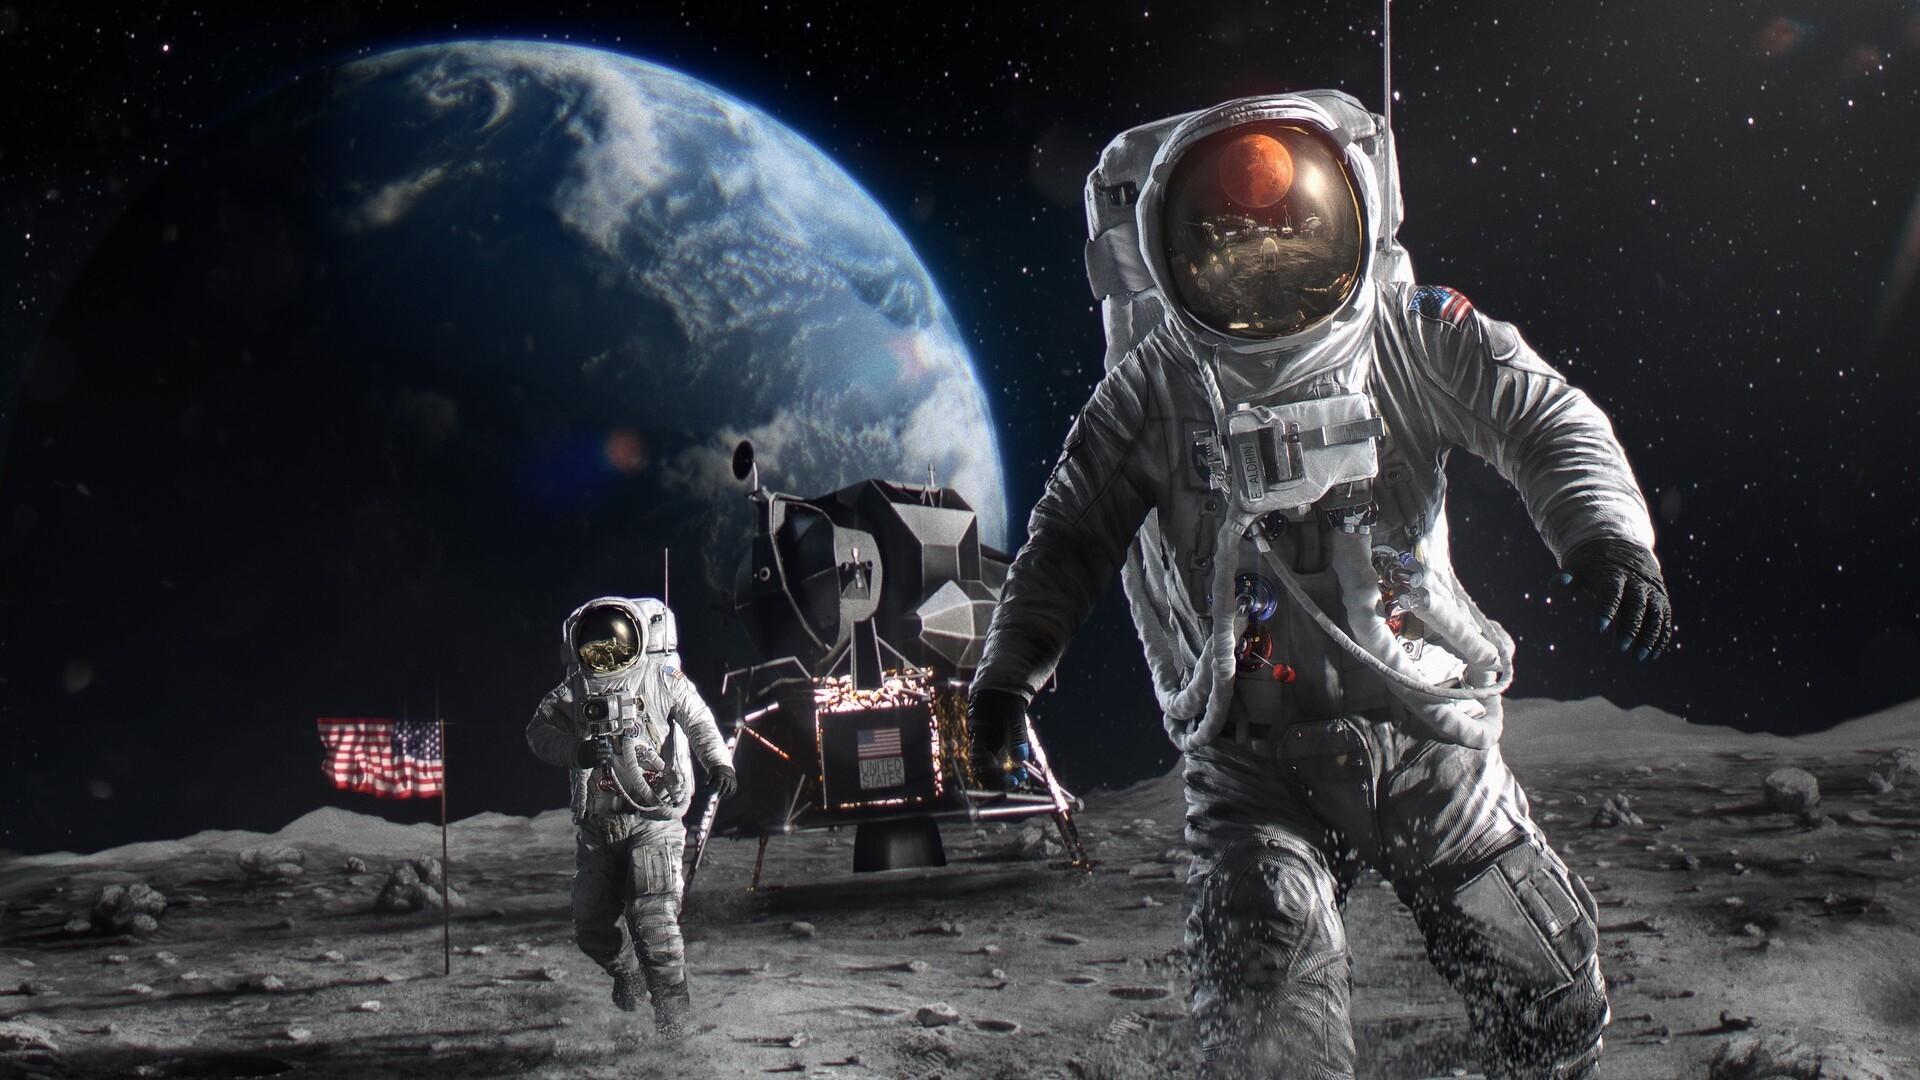 Astronaut Download Wallpaper